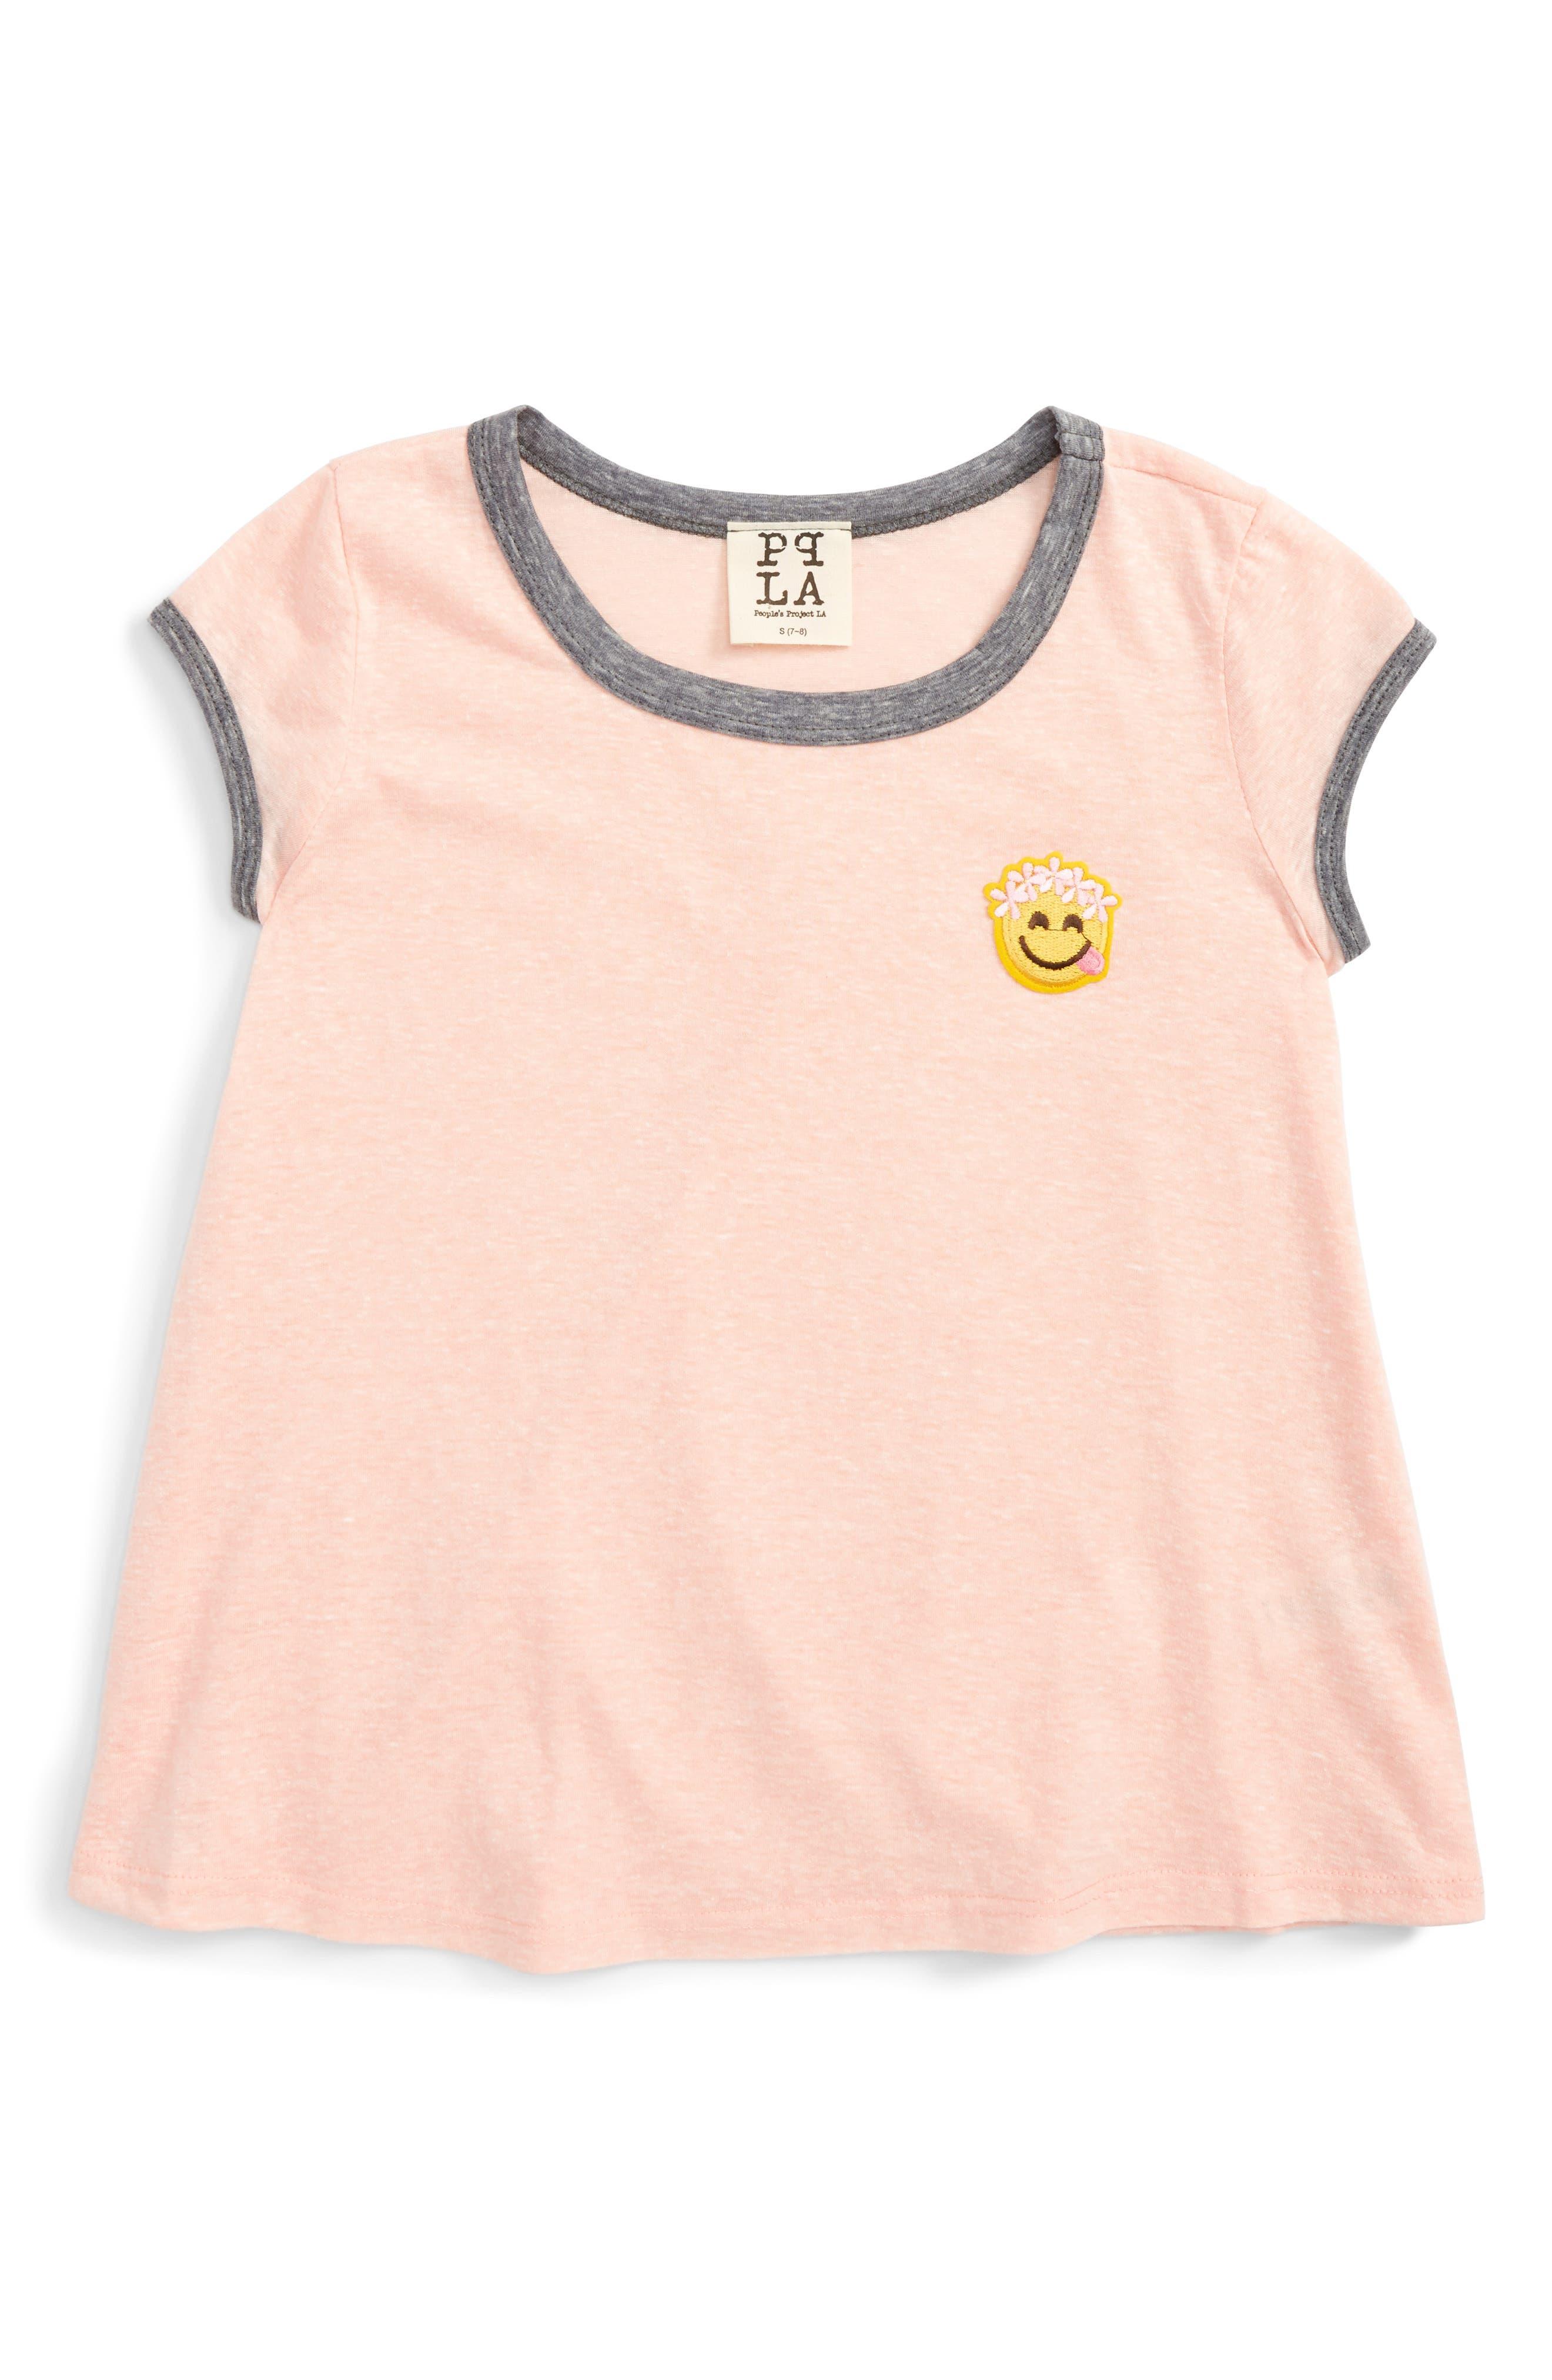 Smiley Face Appliqué Tee,                         Main,                         color, Peach